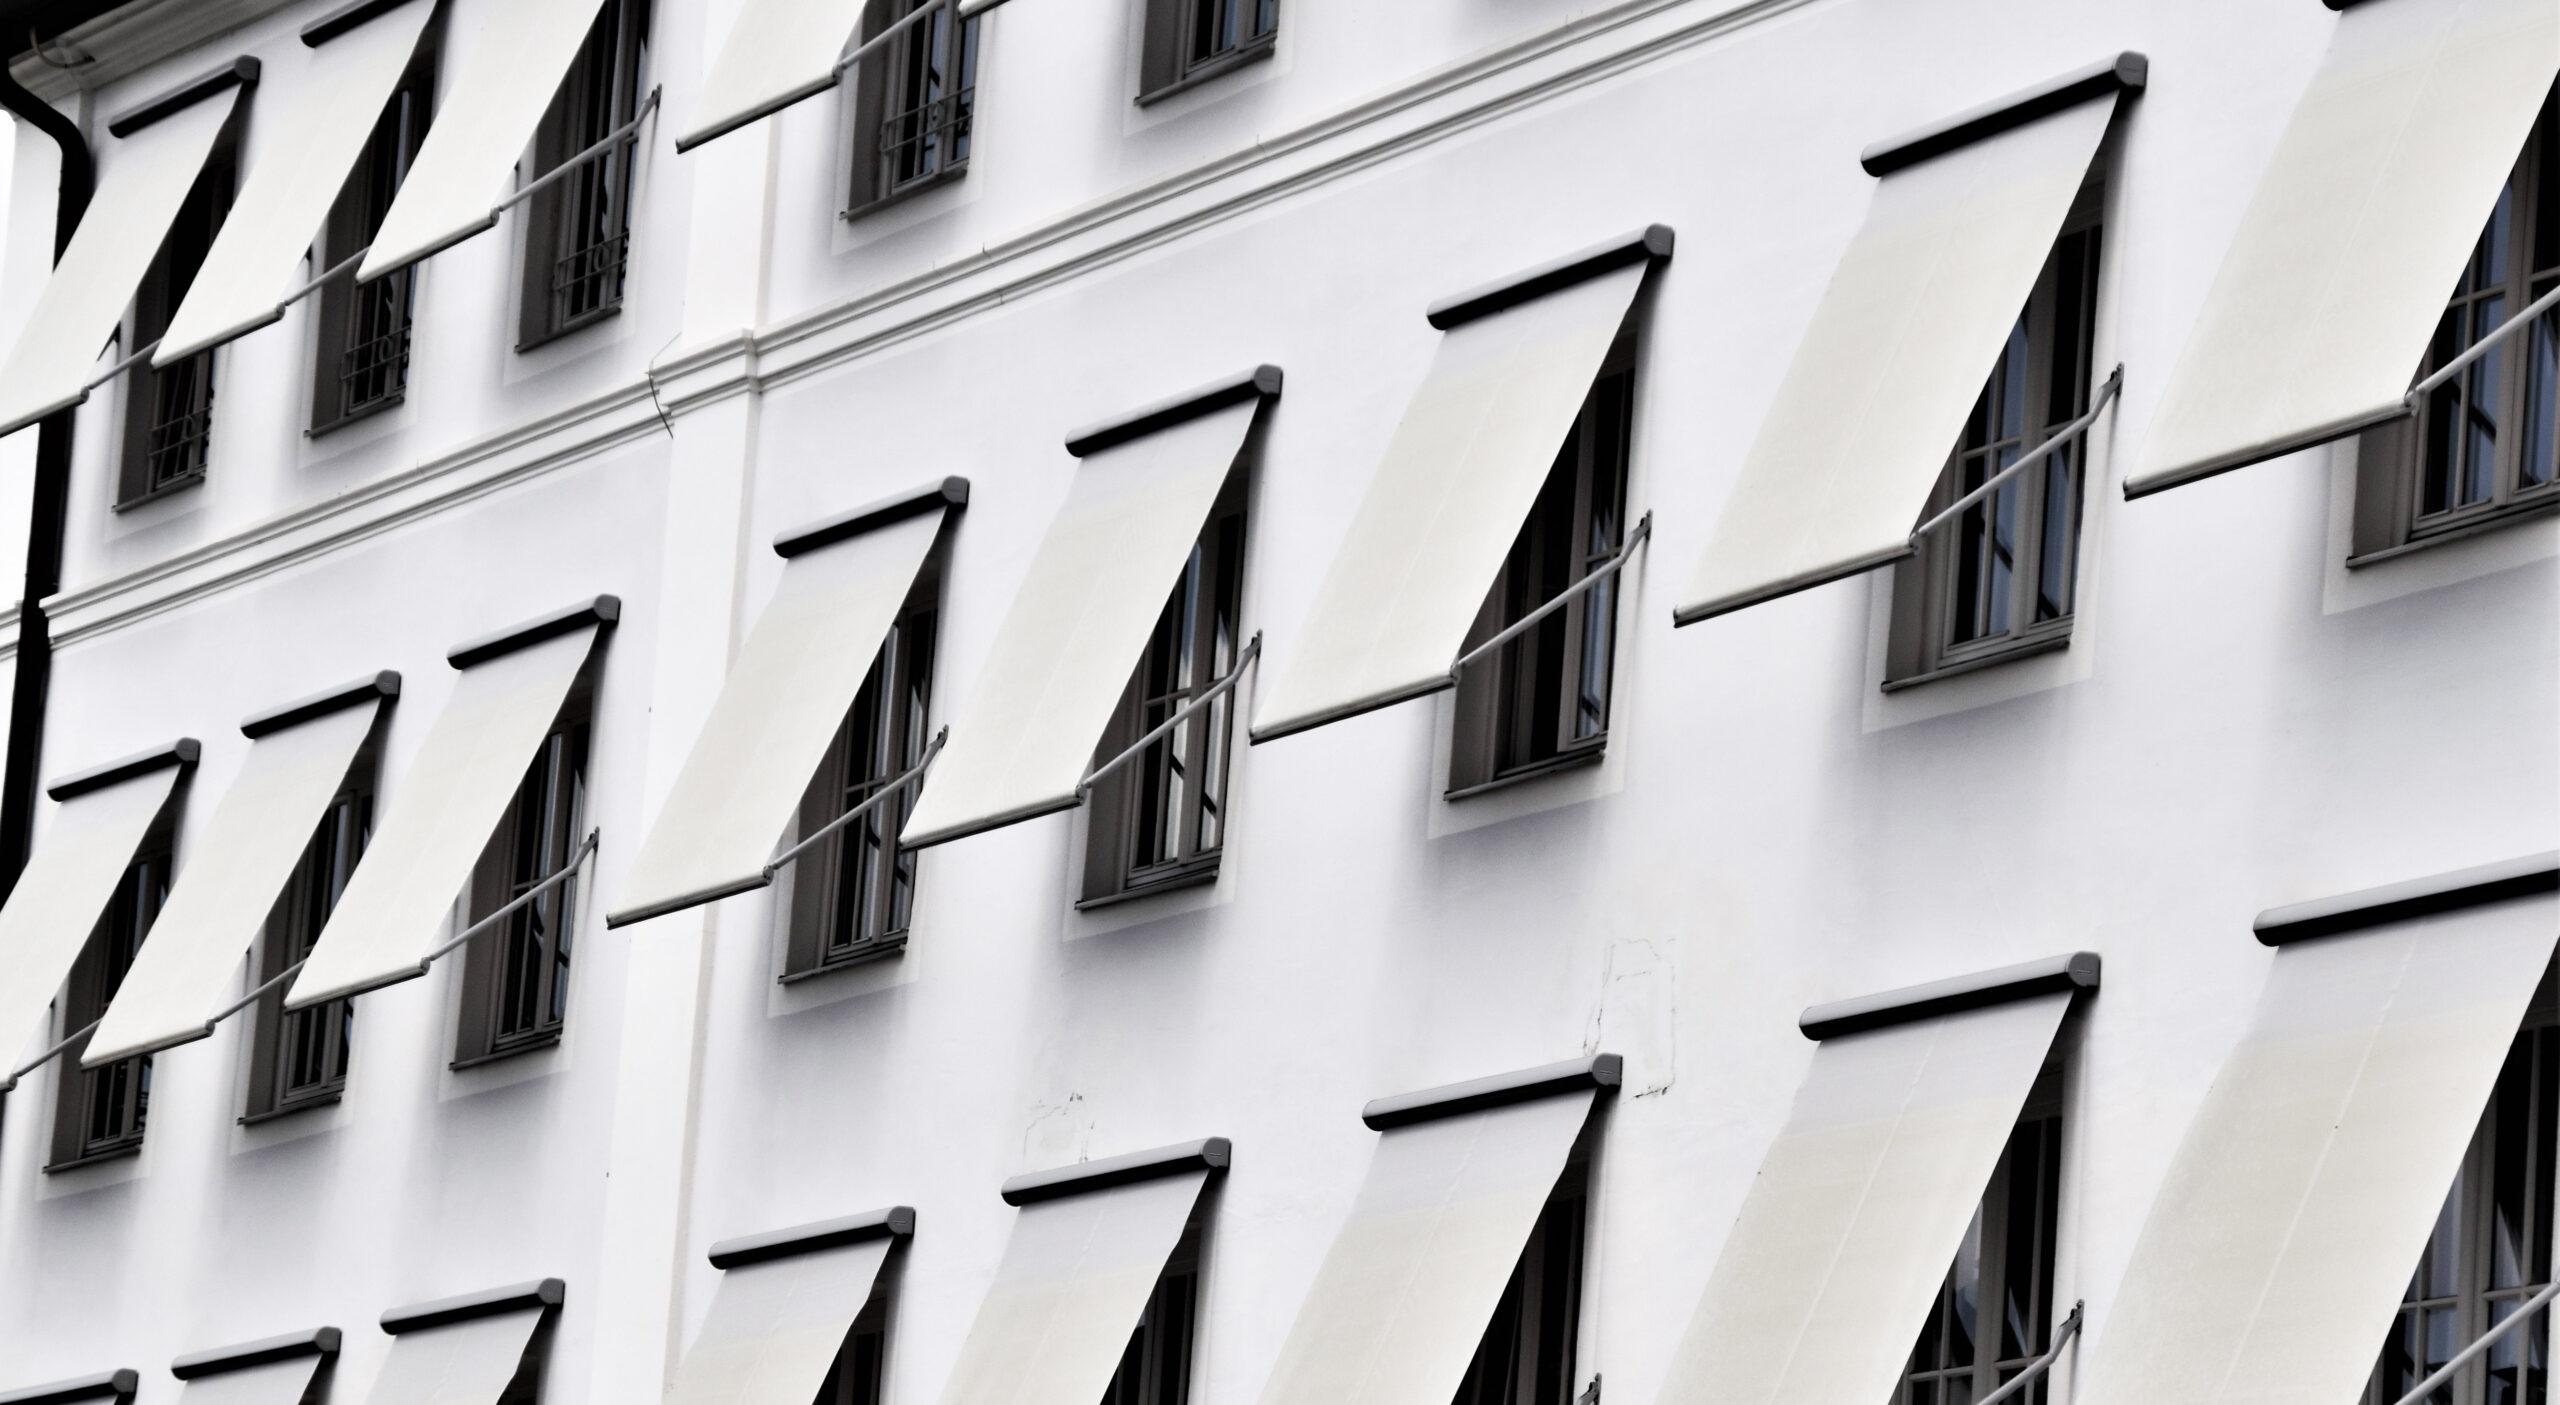 ikkunat markiisit